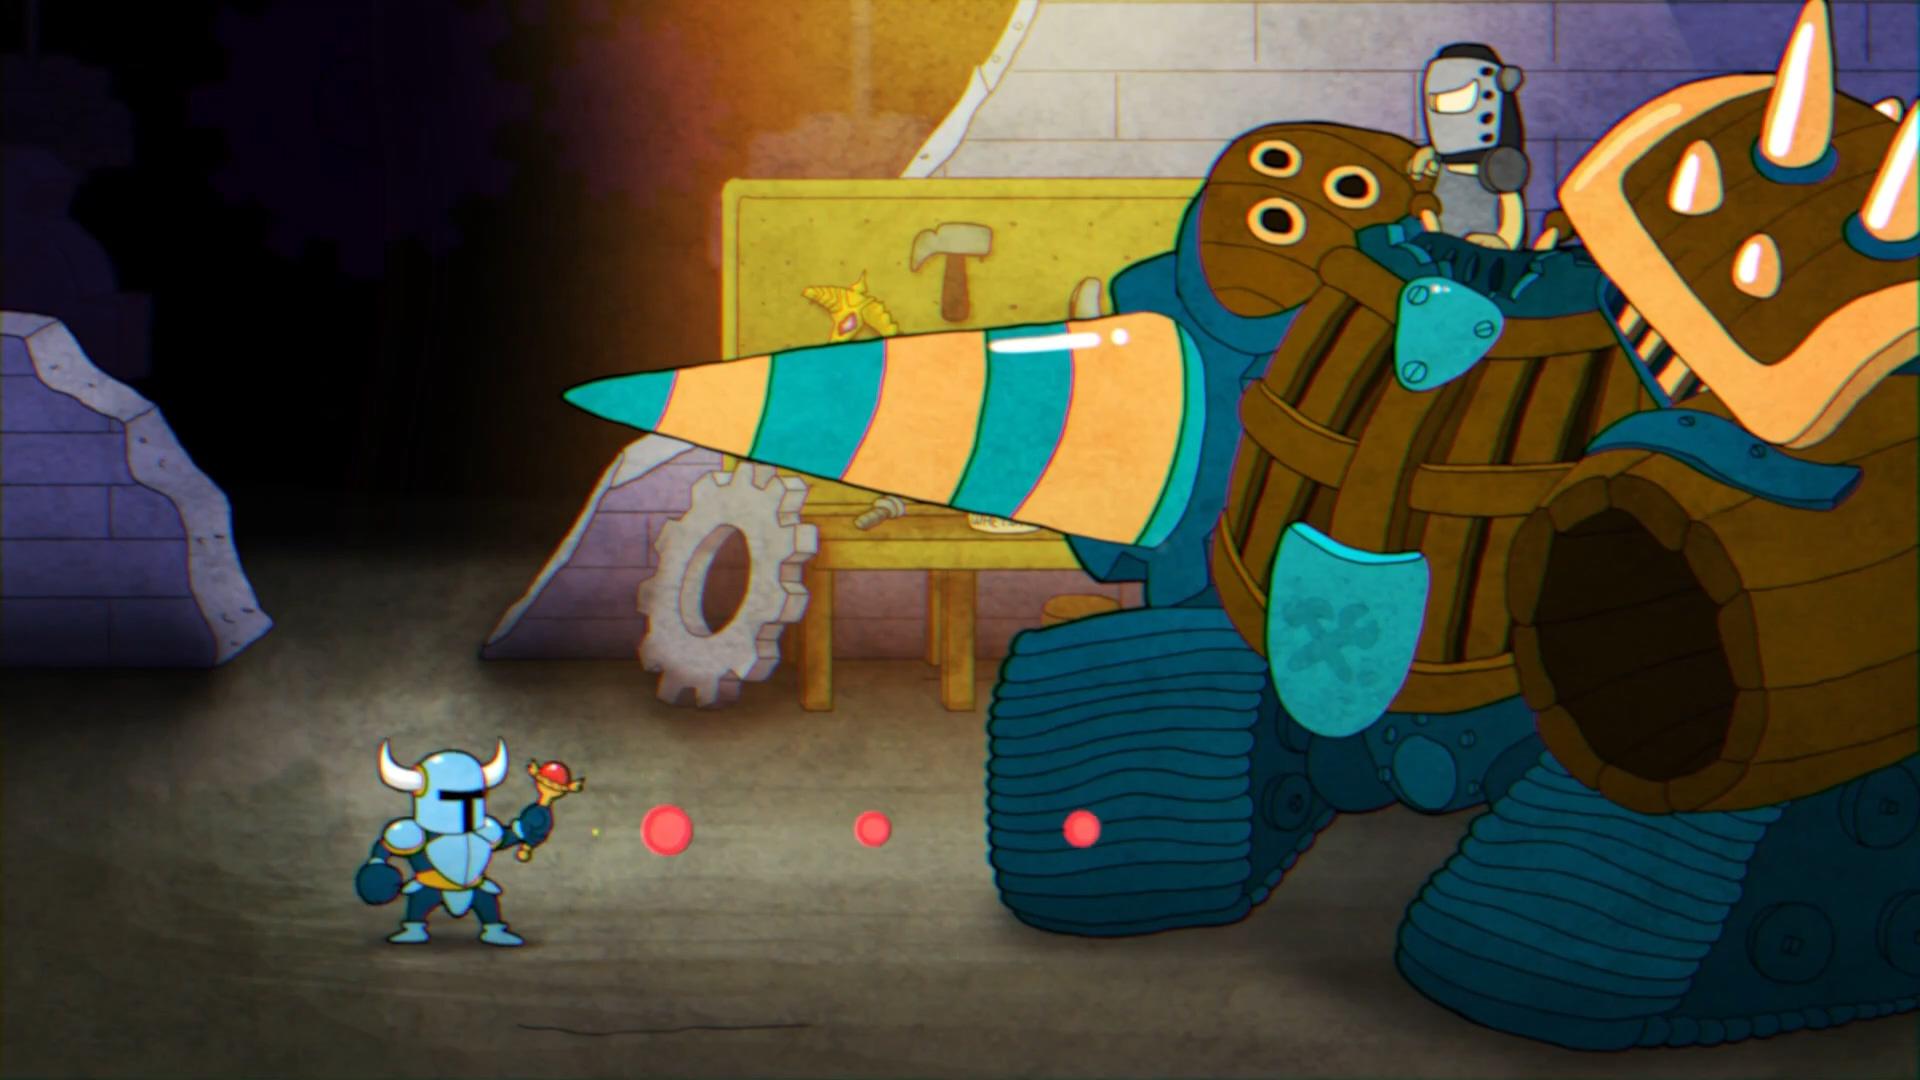 游戏新消息:粉丝制作有爱动画假如铲子骑士穿越到其他游戏